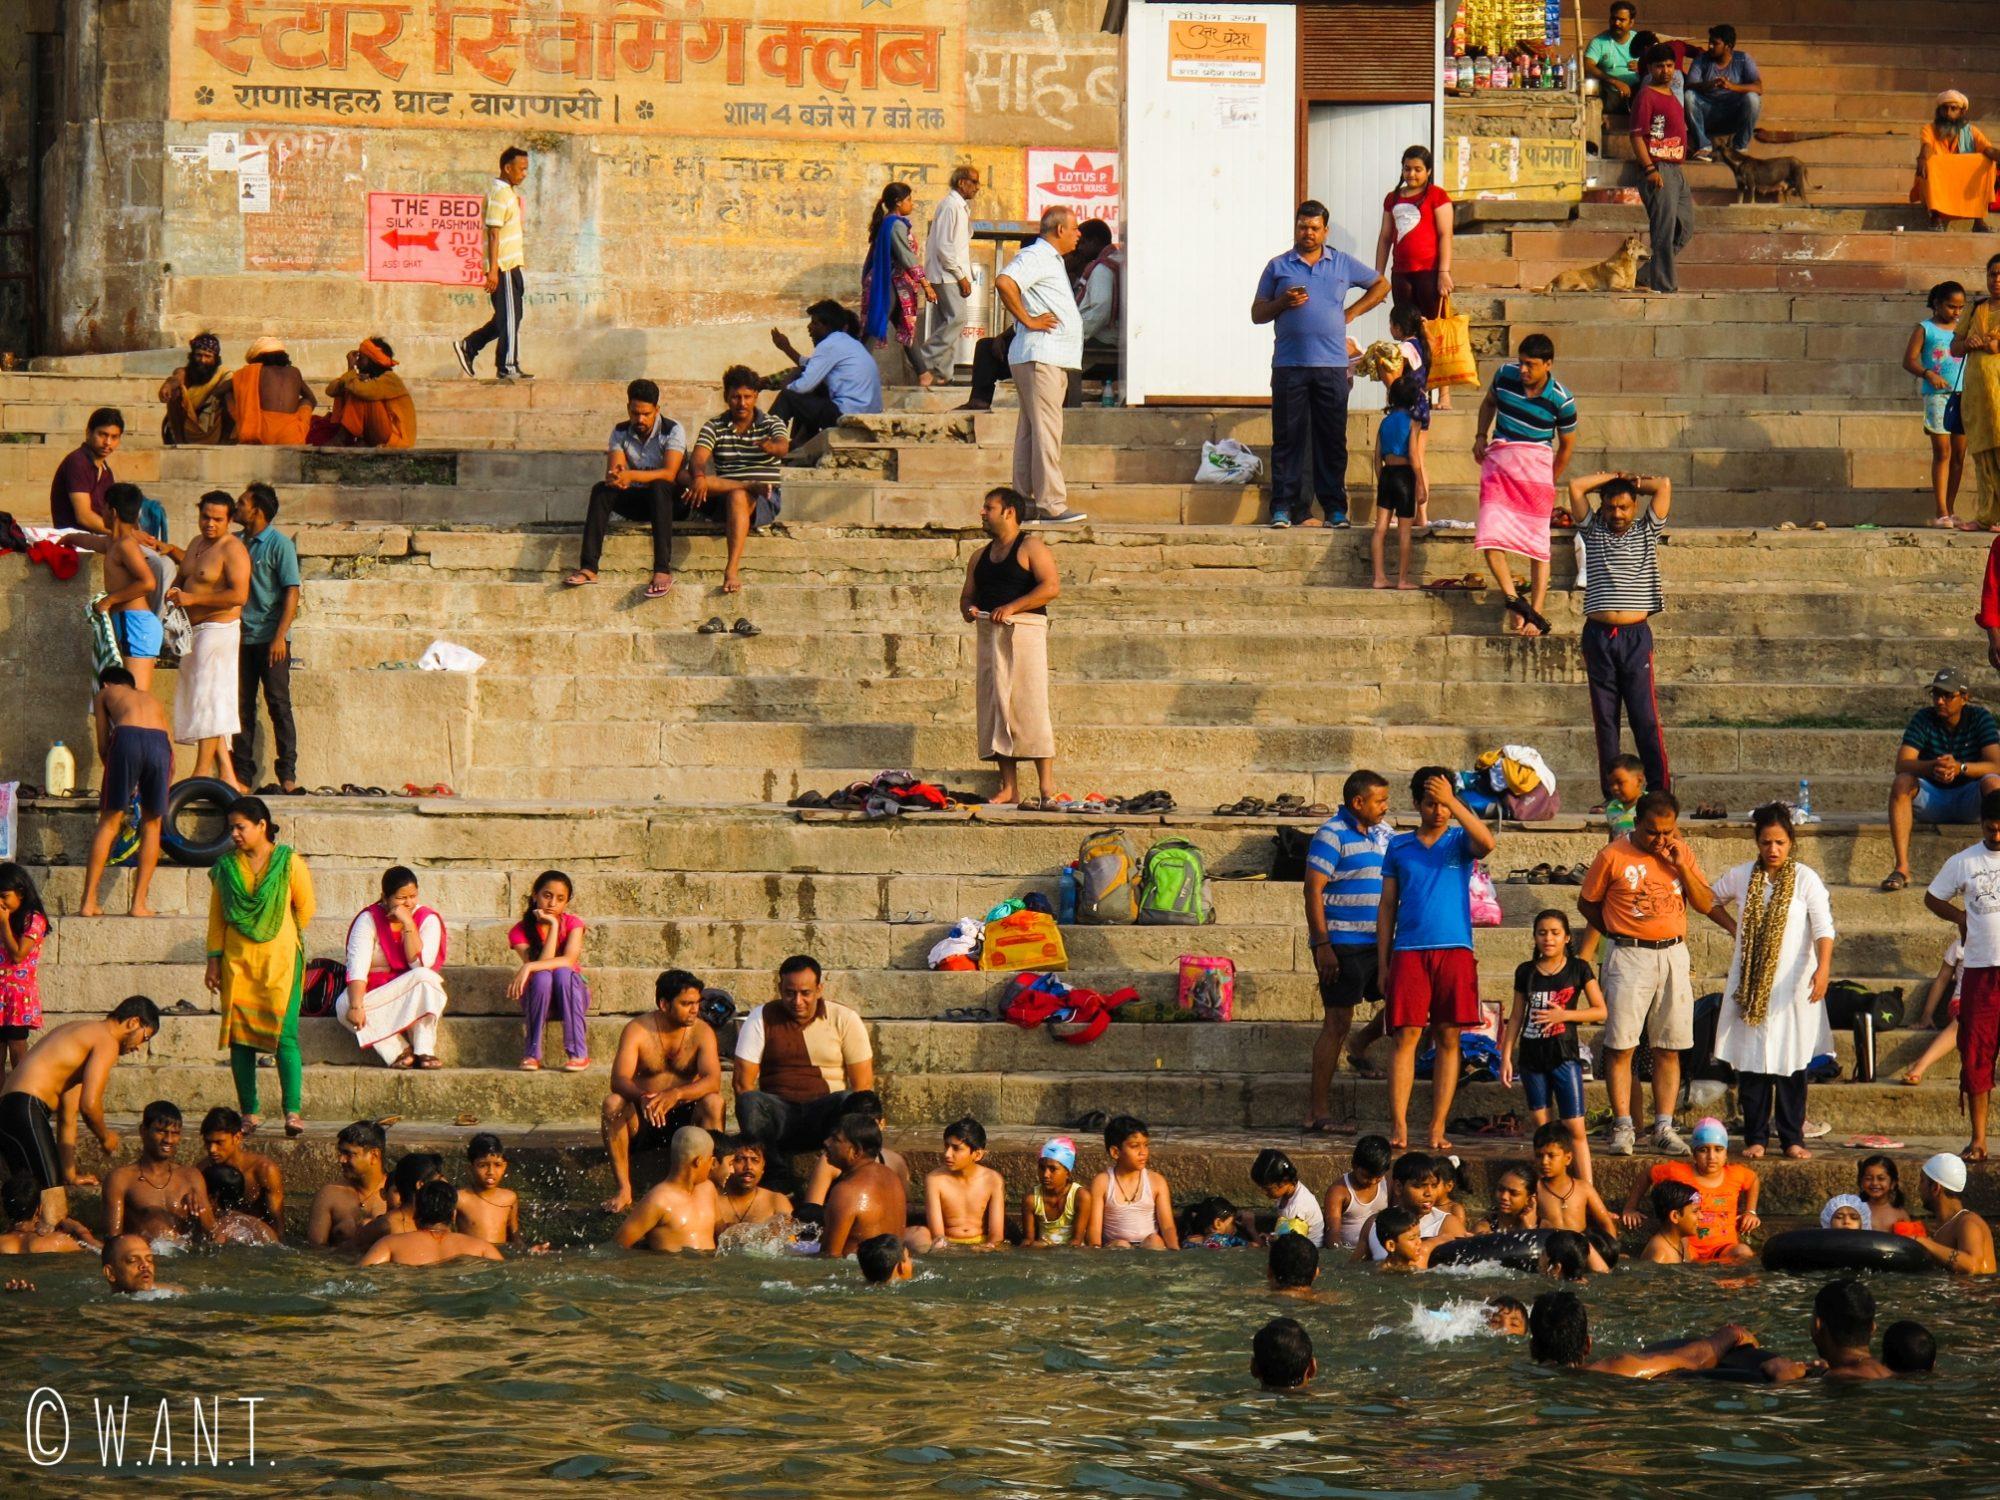 Dès le lever du soleil, les locaux commencent leur journée au bord du Gange